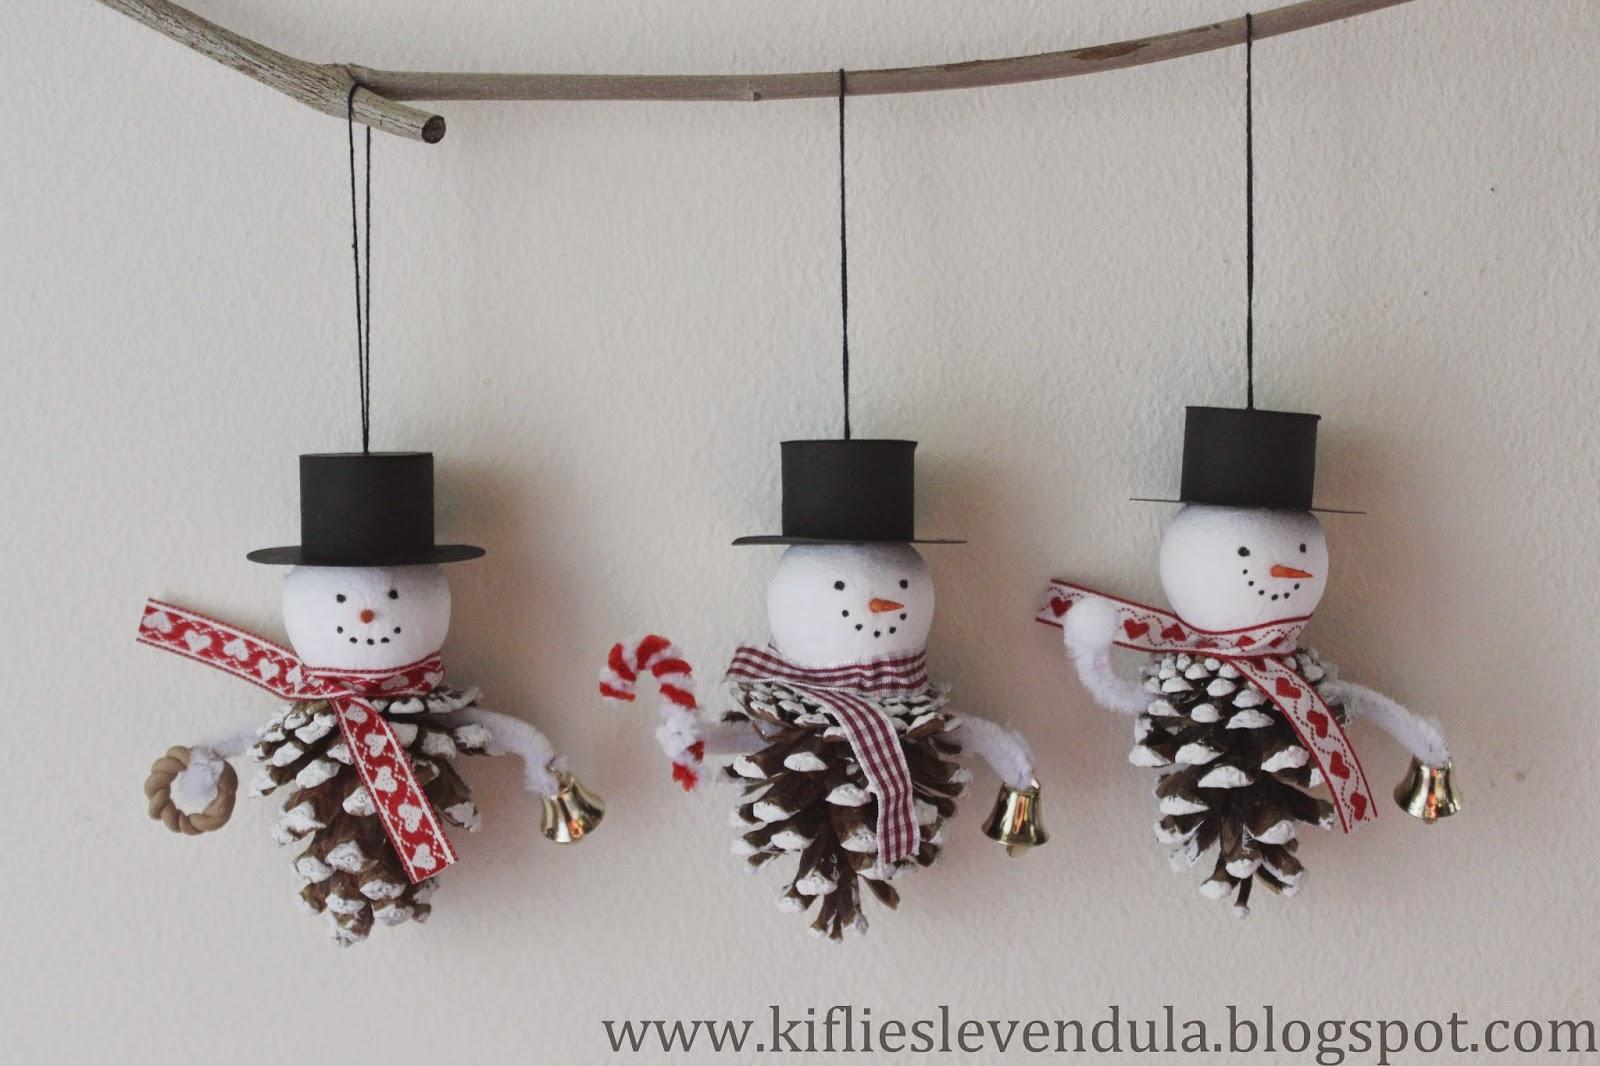 Tres muñecos de nieve creados con piñas y colgados de una ramita